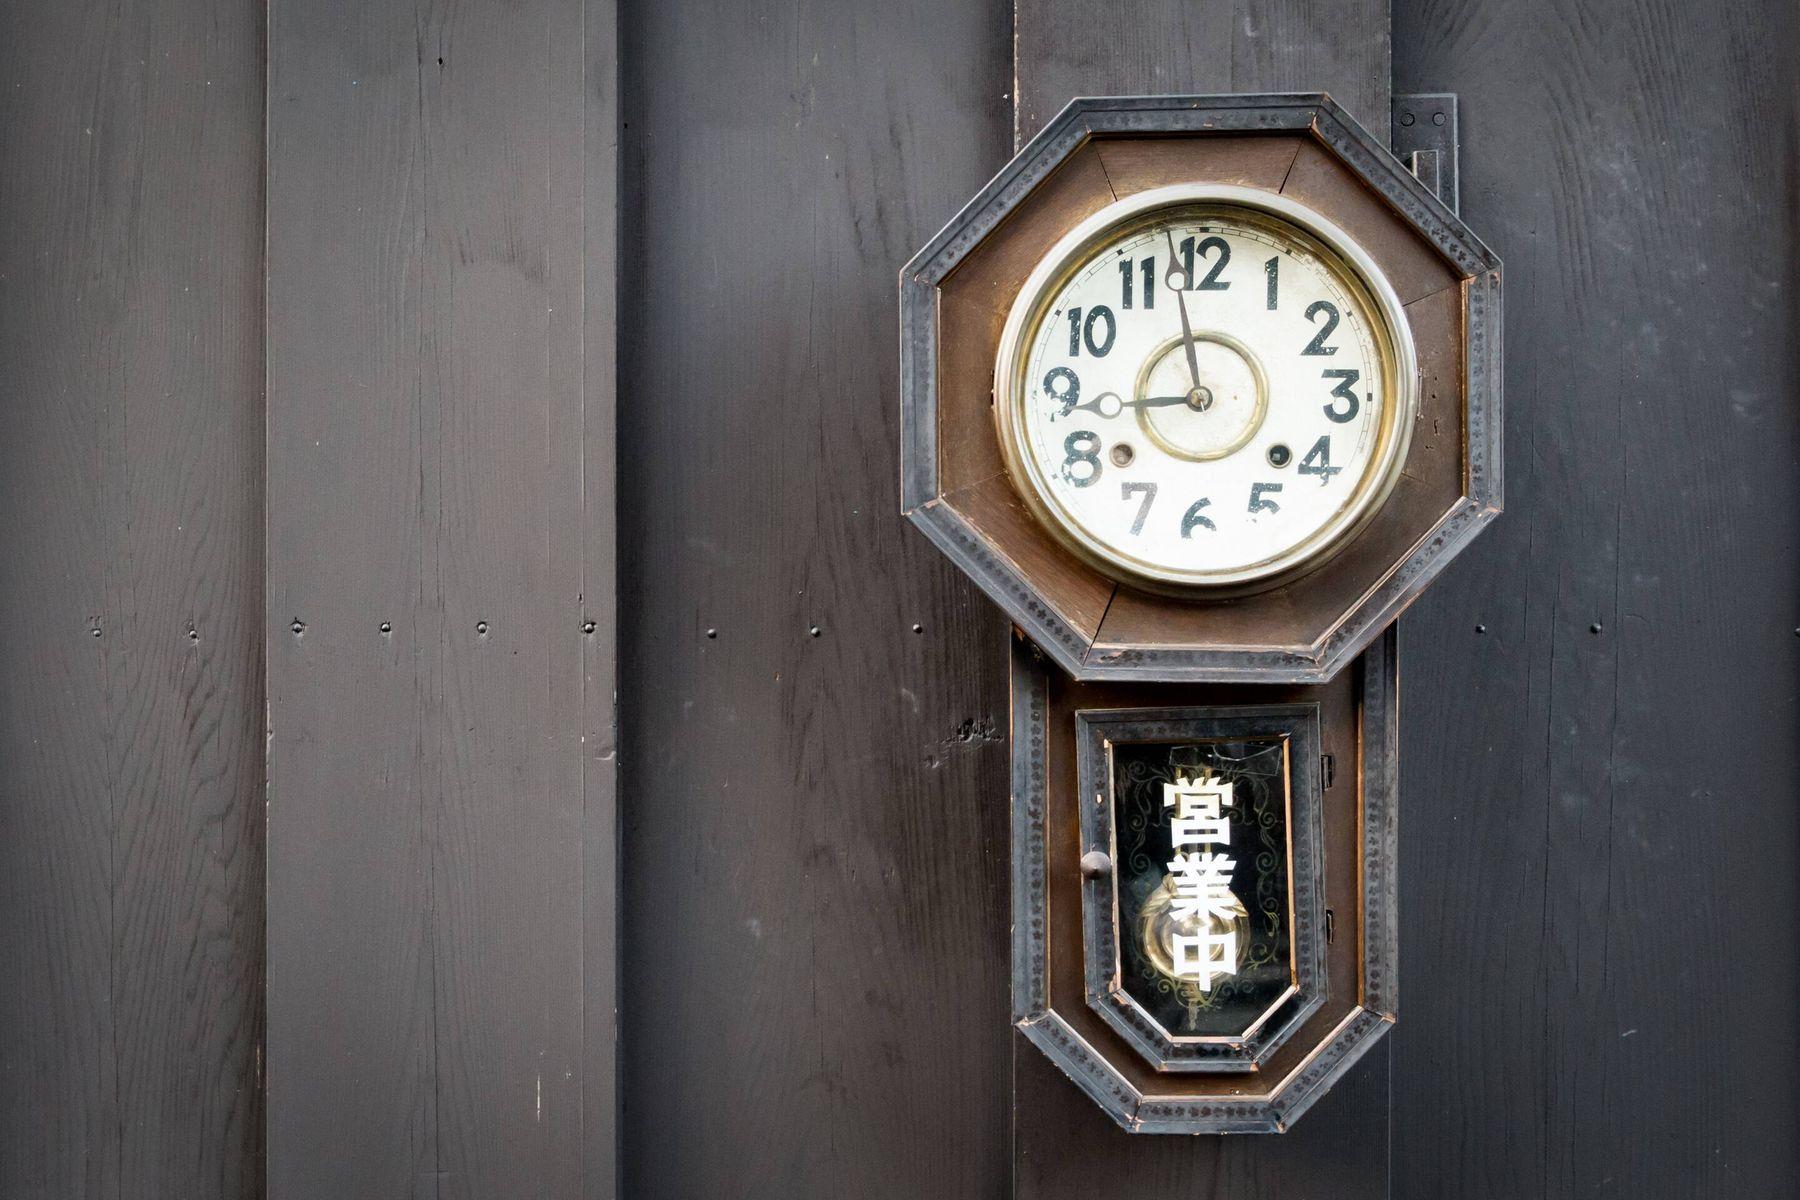 ऐनटीक लकड़ी की घड़ी को साफ़ करने के आसान तरीक़े | गेट सेट क्लीन